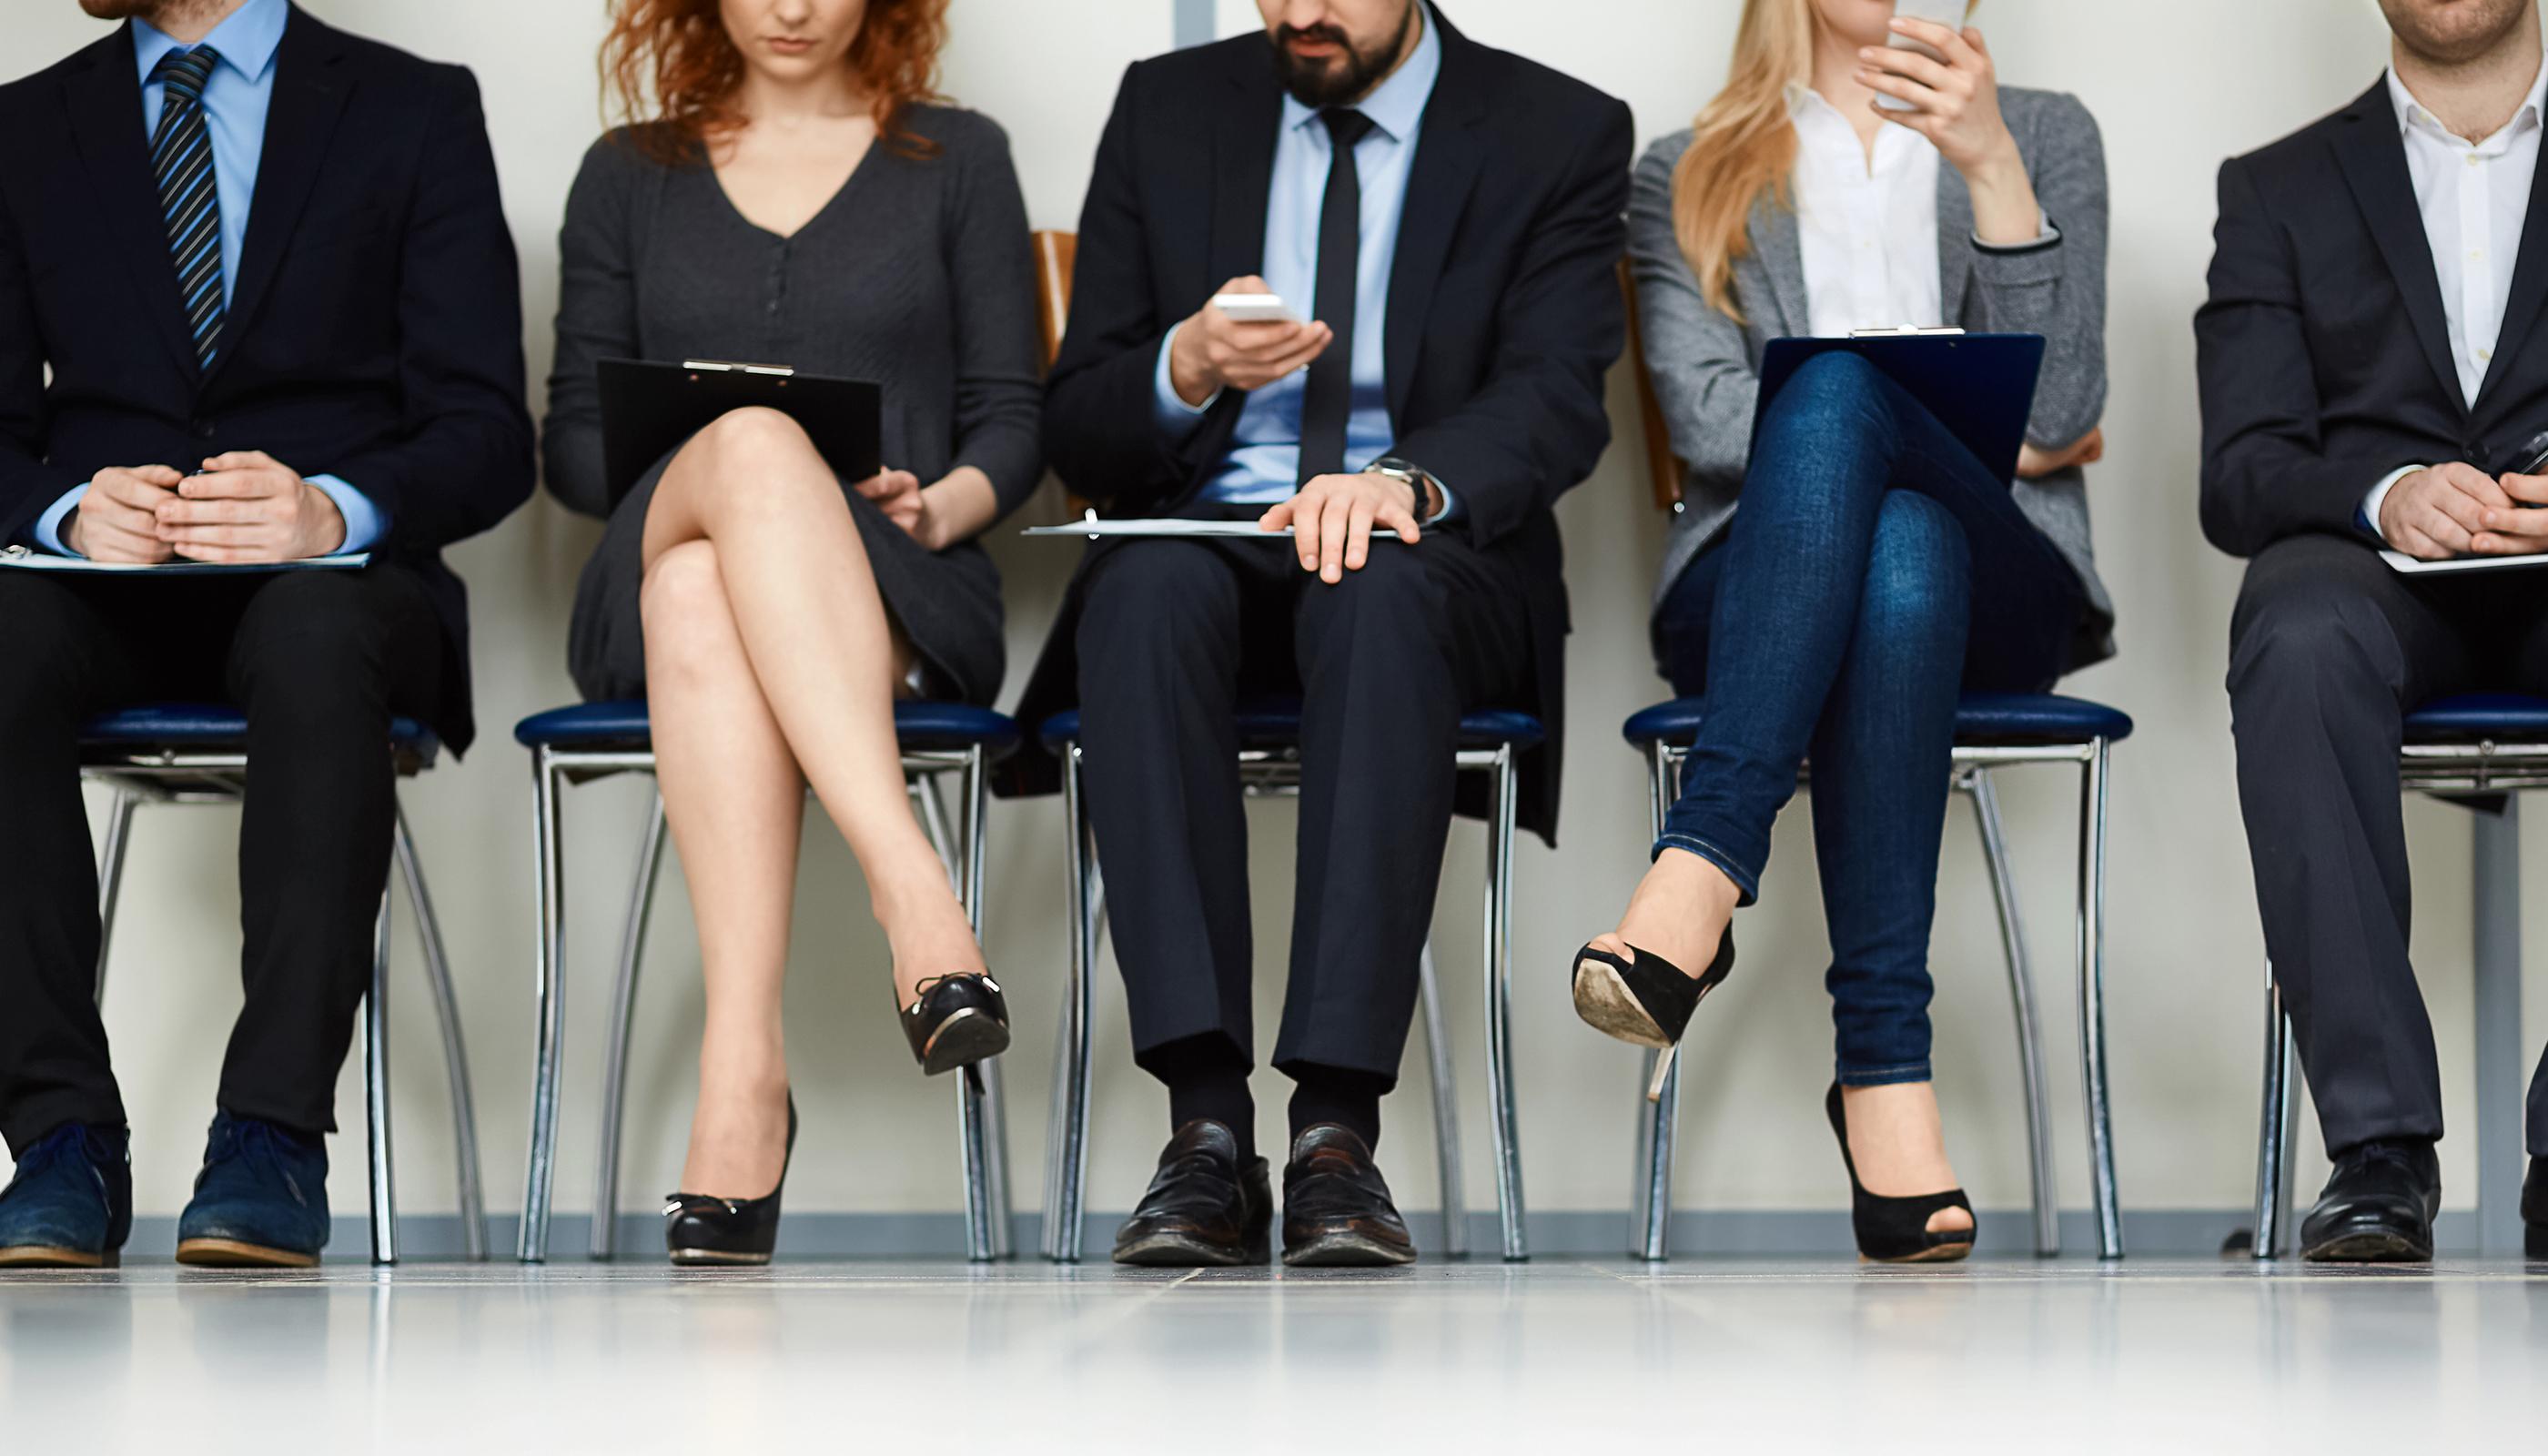 Jobslooker: основные причины проблем с трудоустройством и пути их устранения